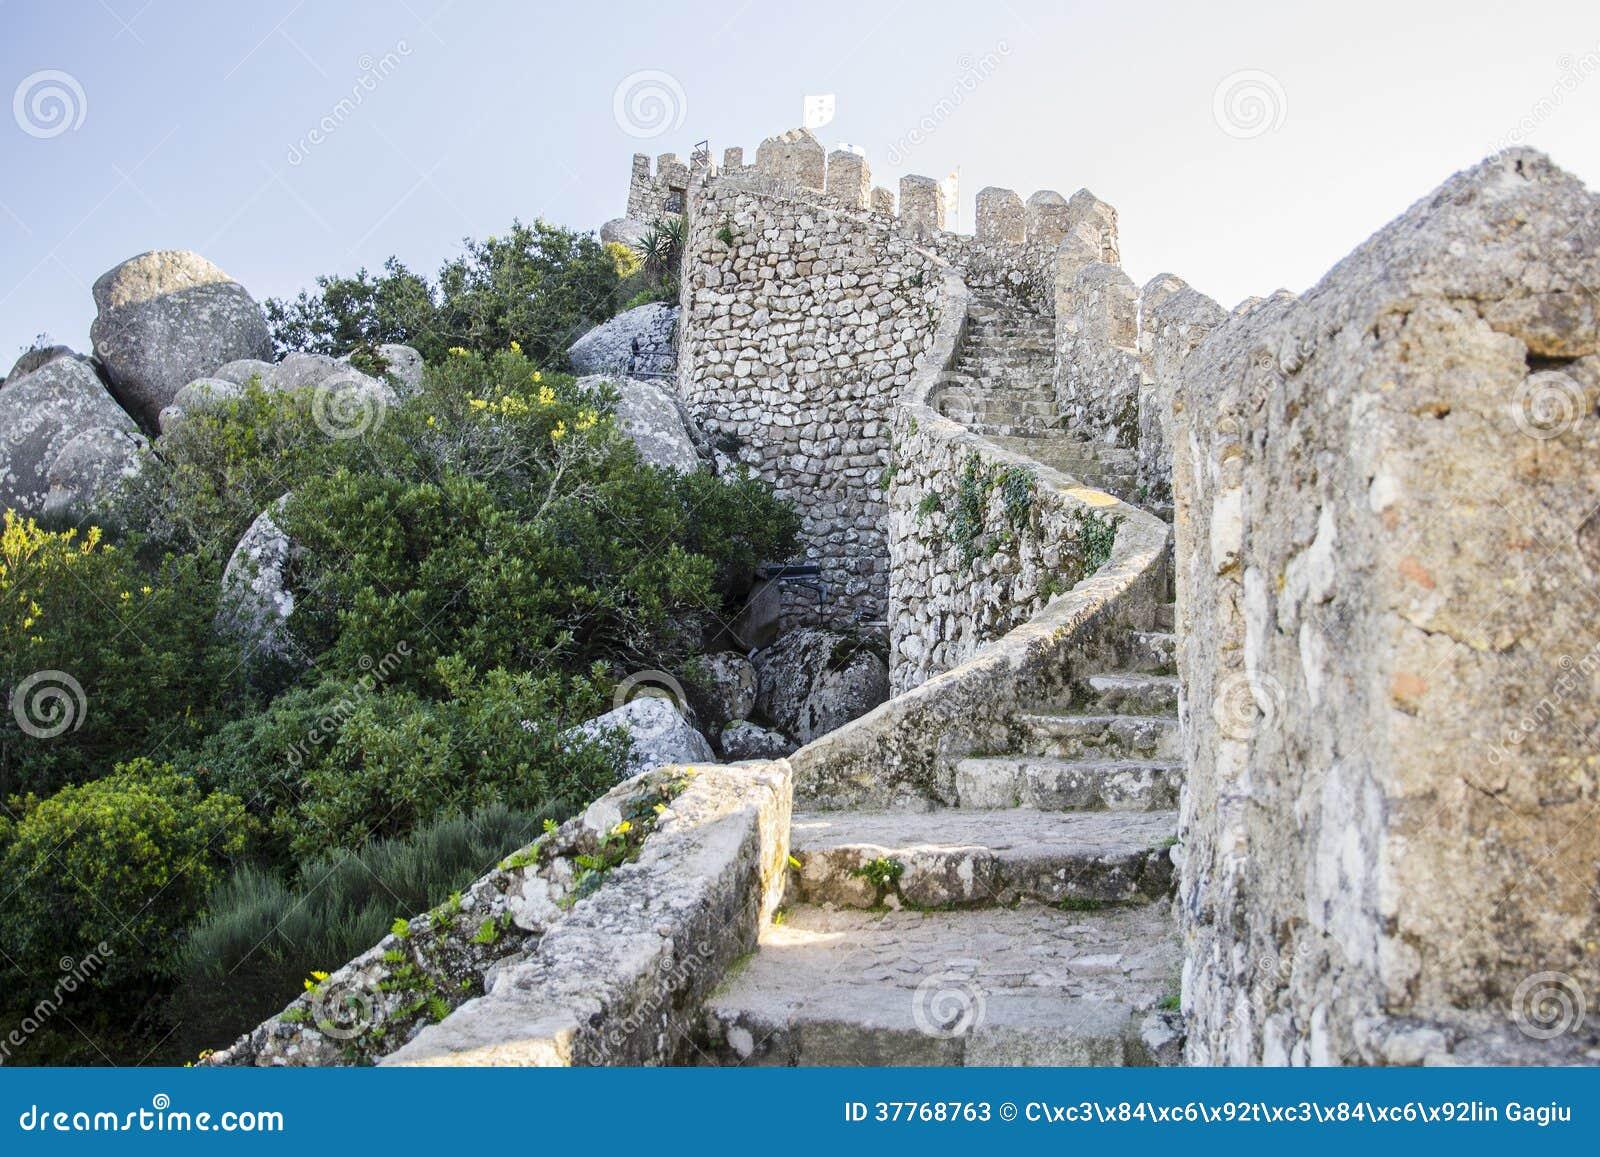 Il castello del attracca 1